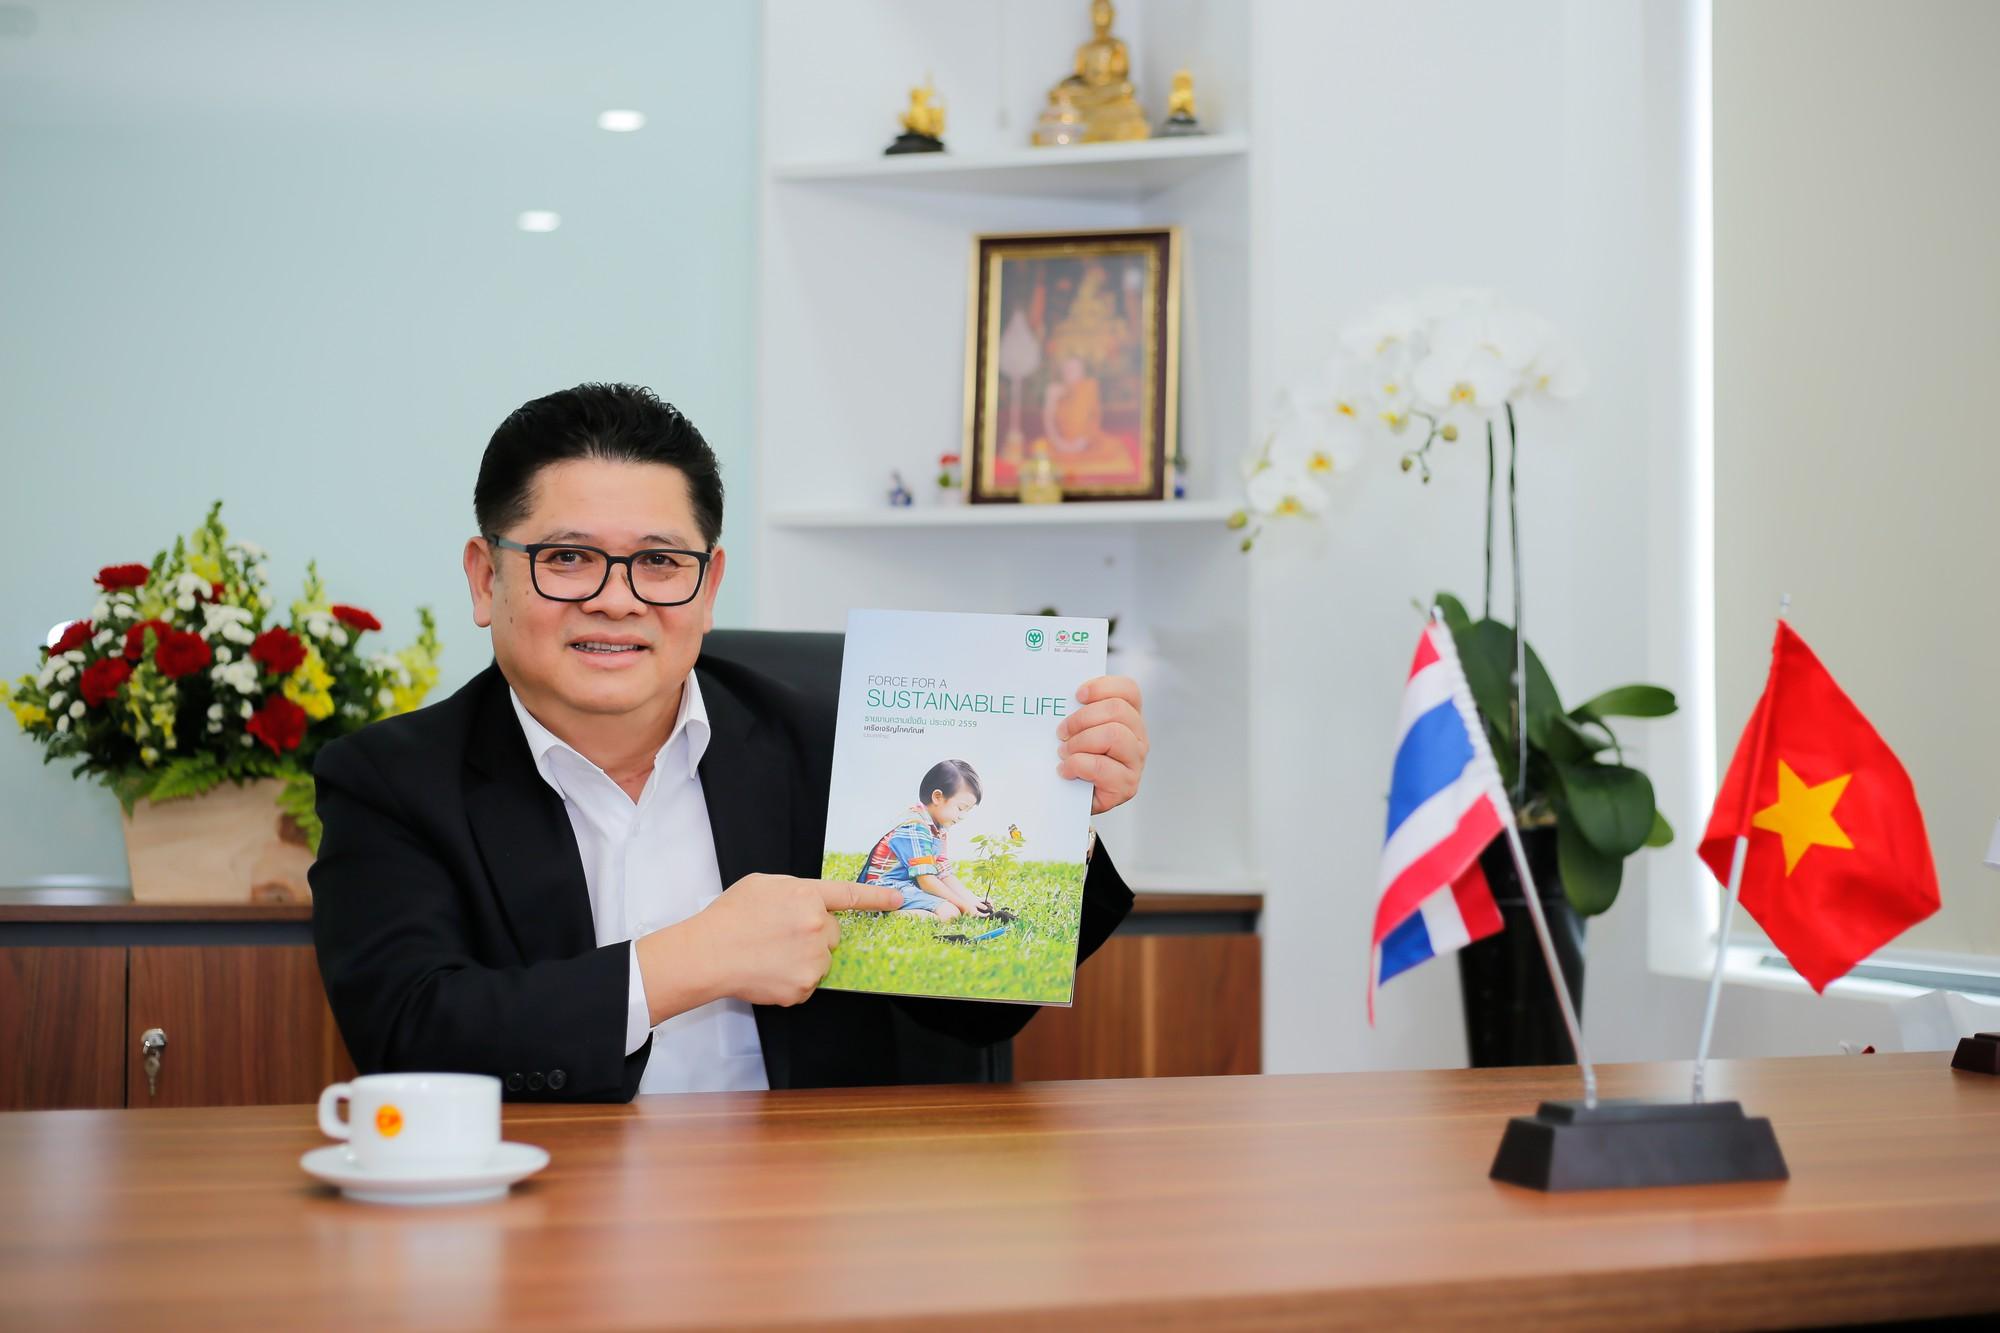 """CEO C.P. Việt Nam: """"Thông điệp của chúng tôi là Đền ơn Tổ quốc Việt Nam"""" - Ảnh 5."""